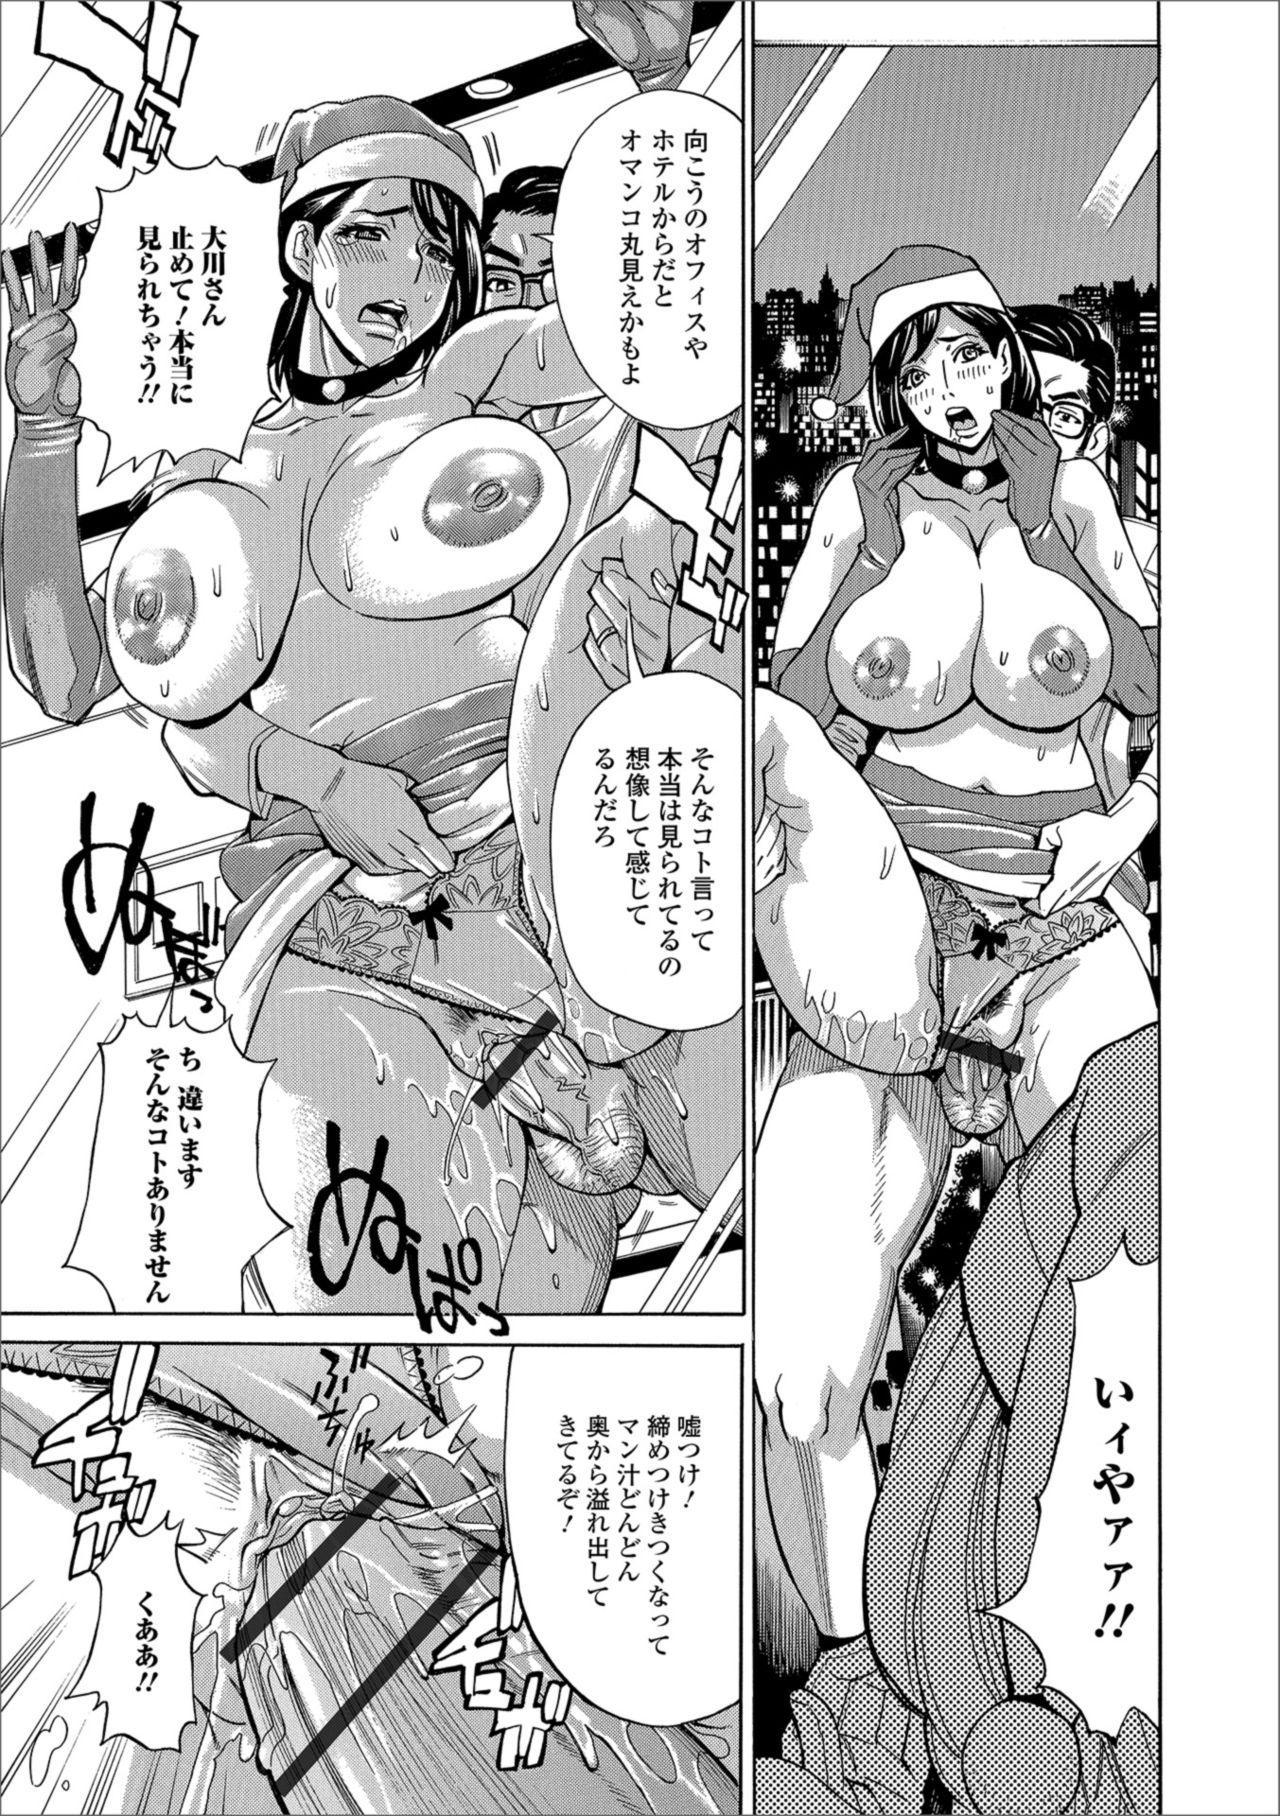 Web Haishin Gekkan Tonari no Kininaru Oku-san Vol. 019 26